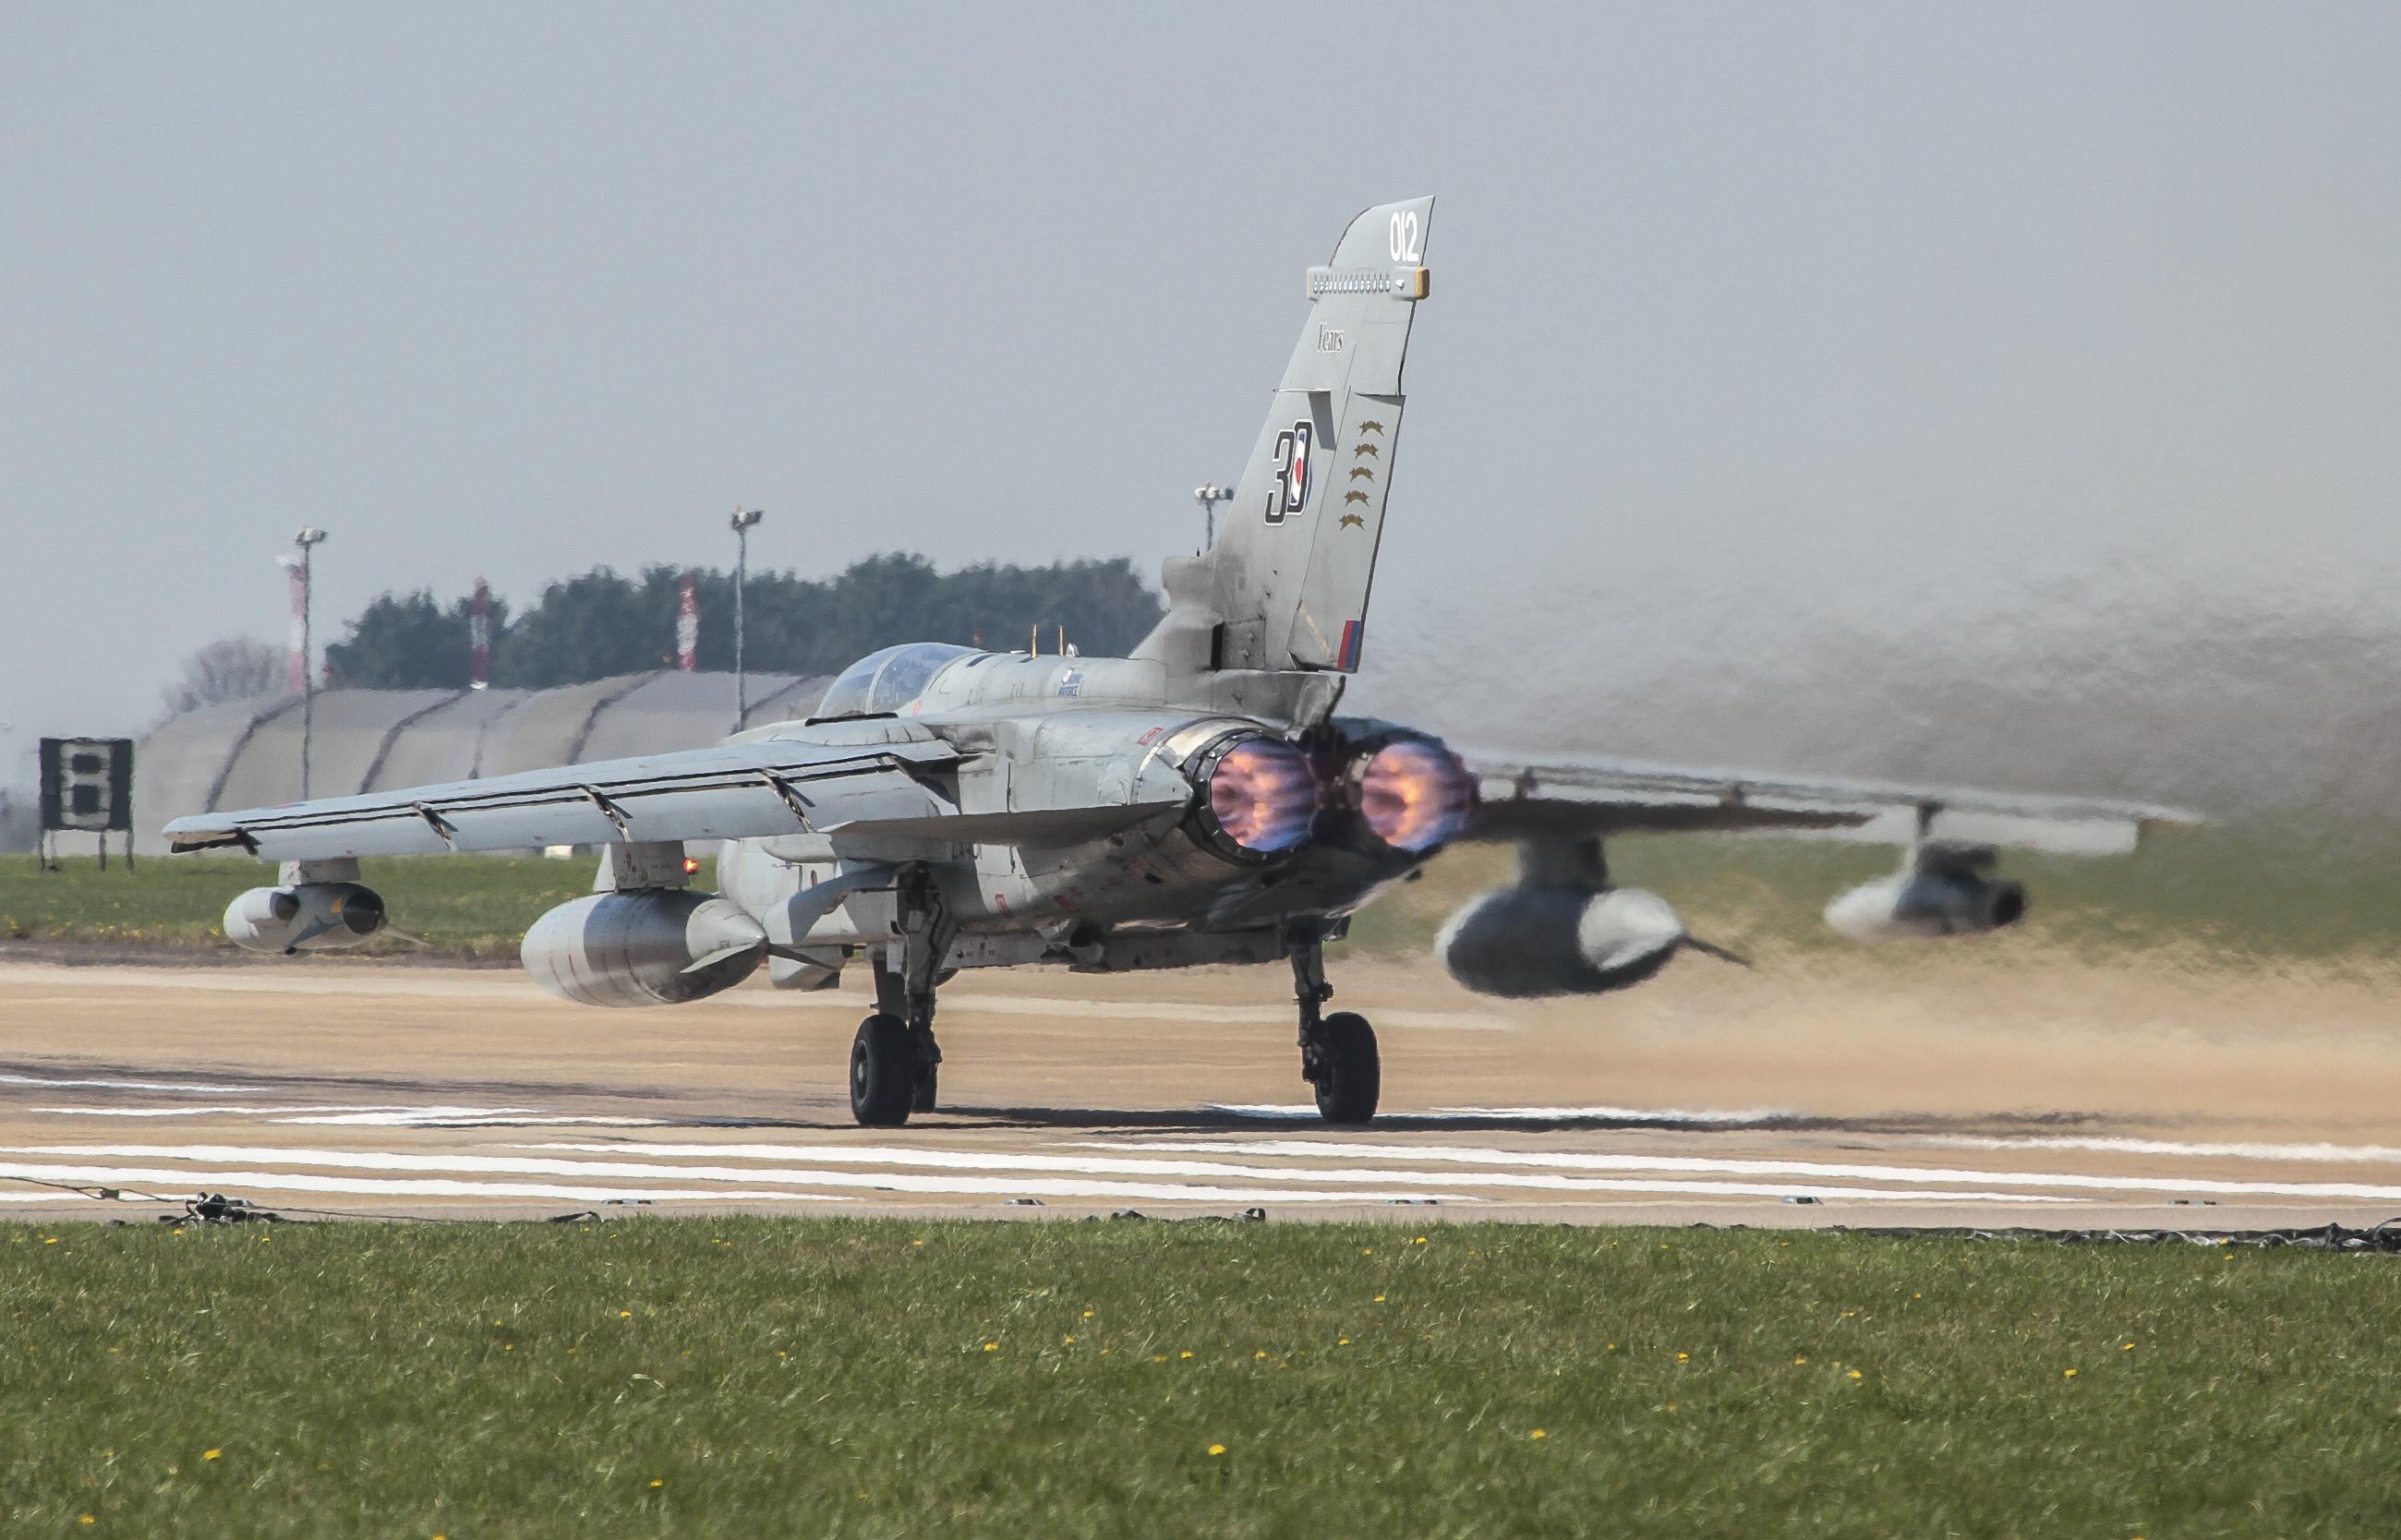 B006 Raf Tornado